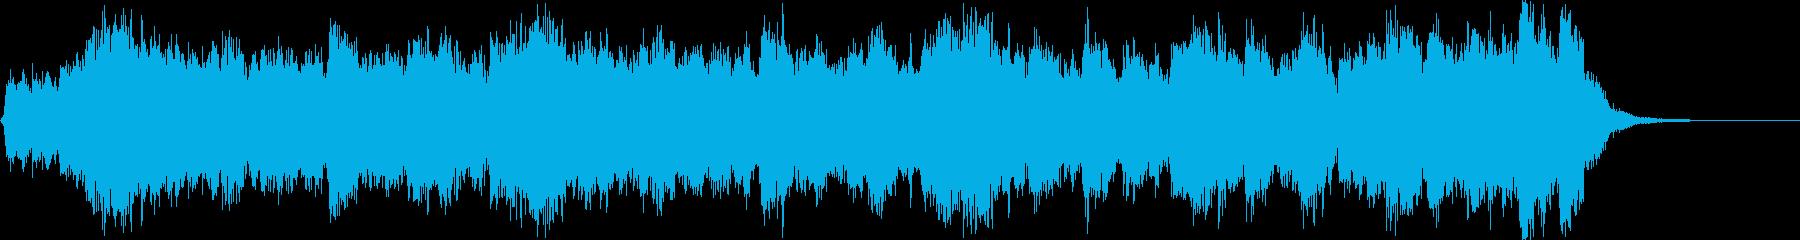 企業VPや華やか式典のオープニング30秒の再生済みの波形